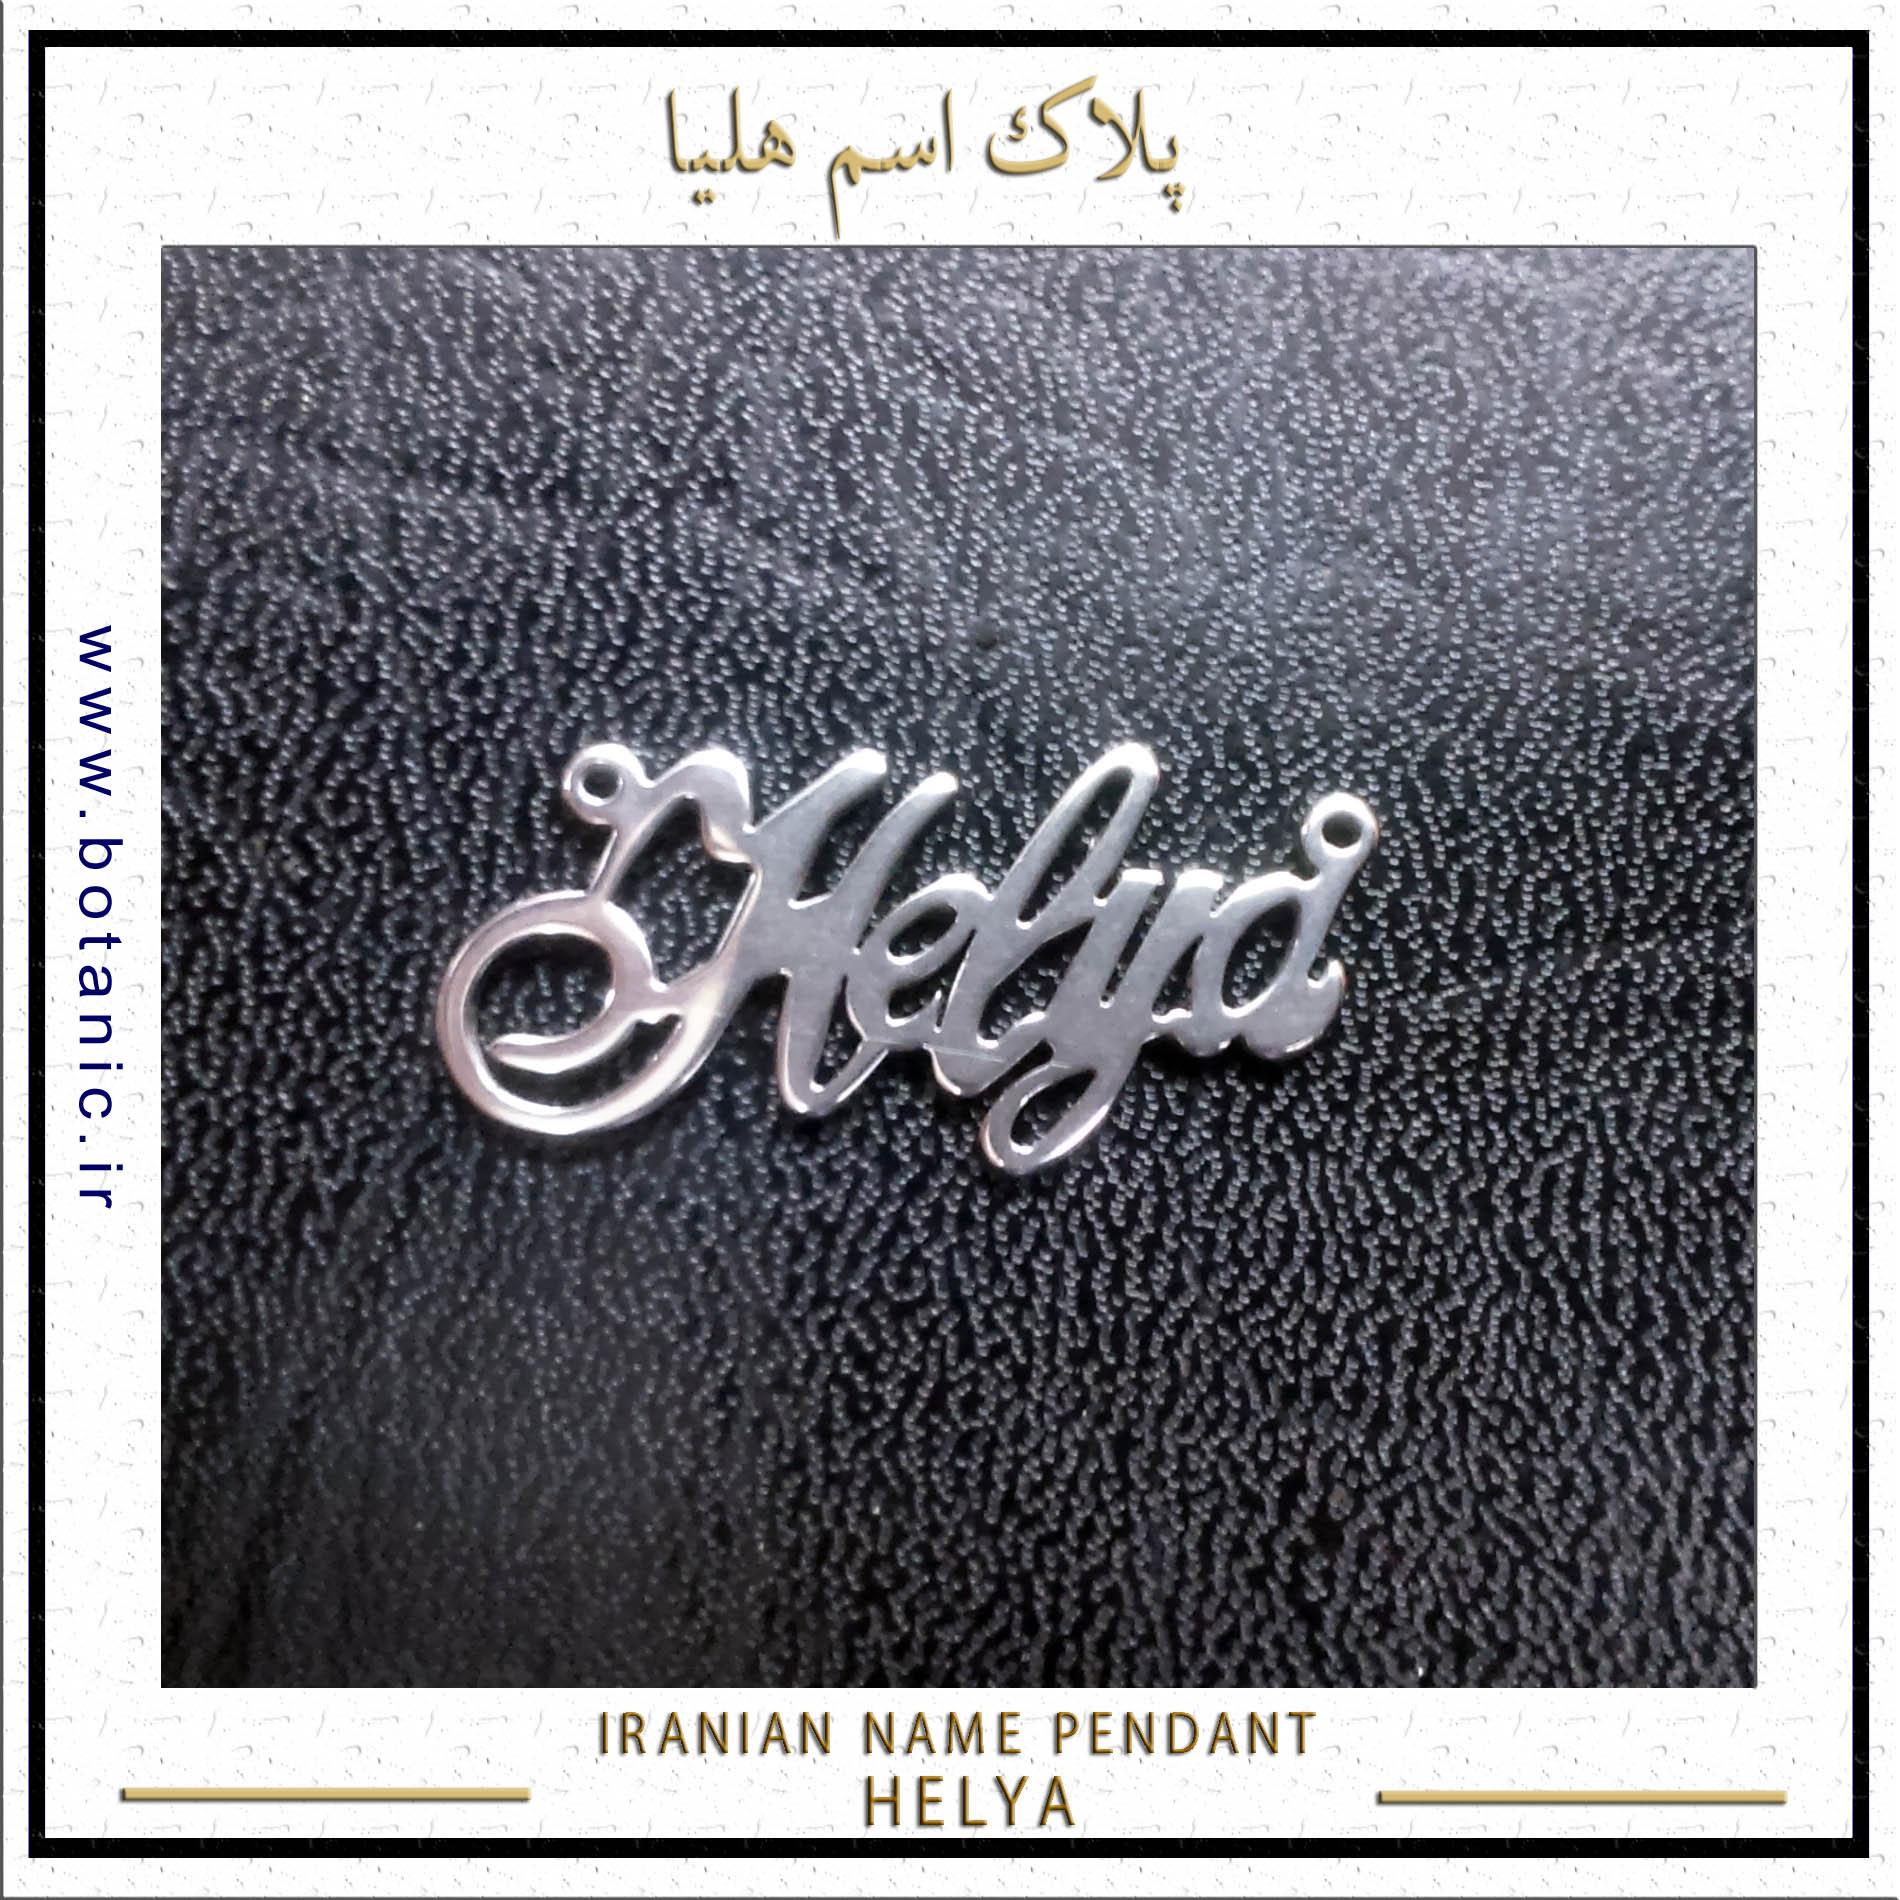 Iranian Name Pendant Helya